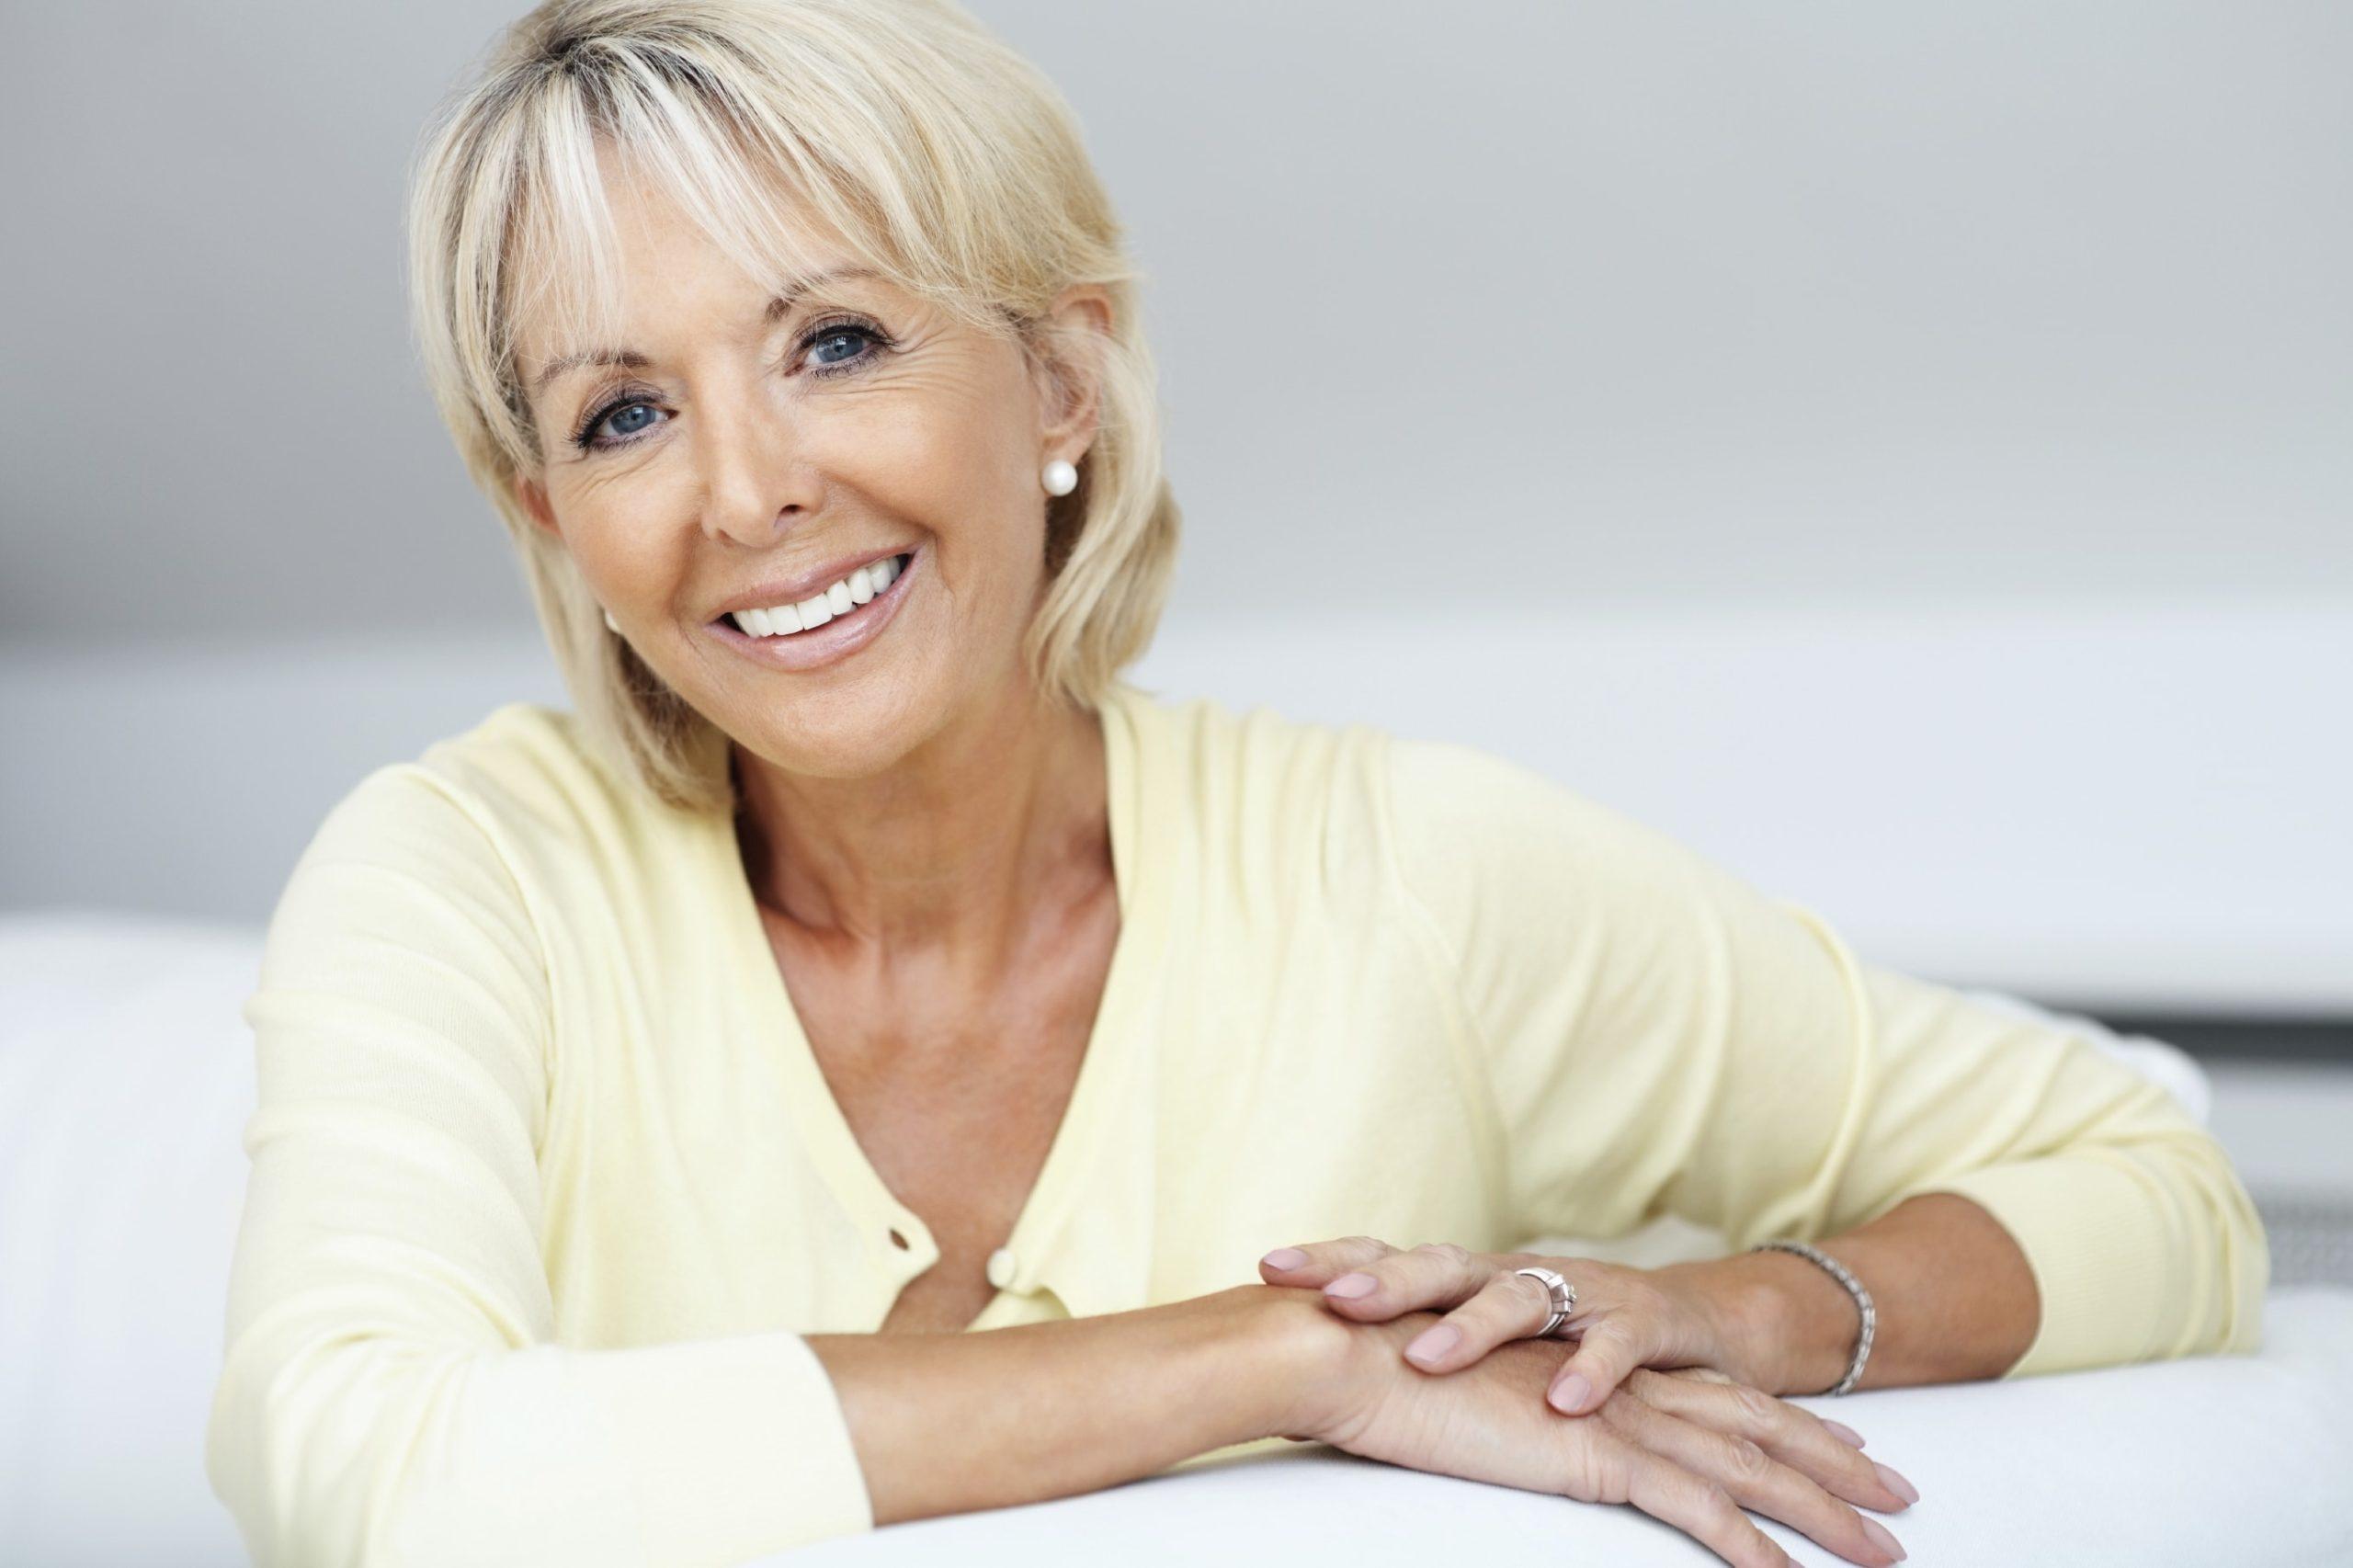 Pierdere în greutate povești de succes menopauză)